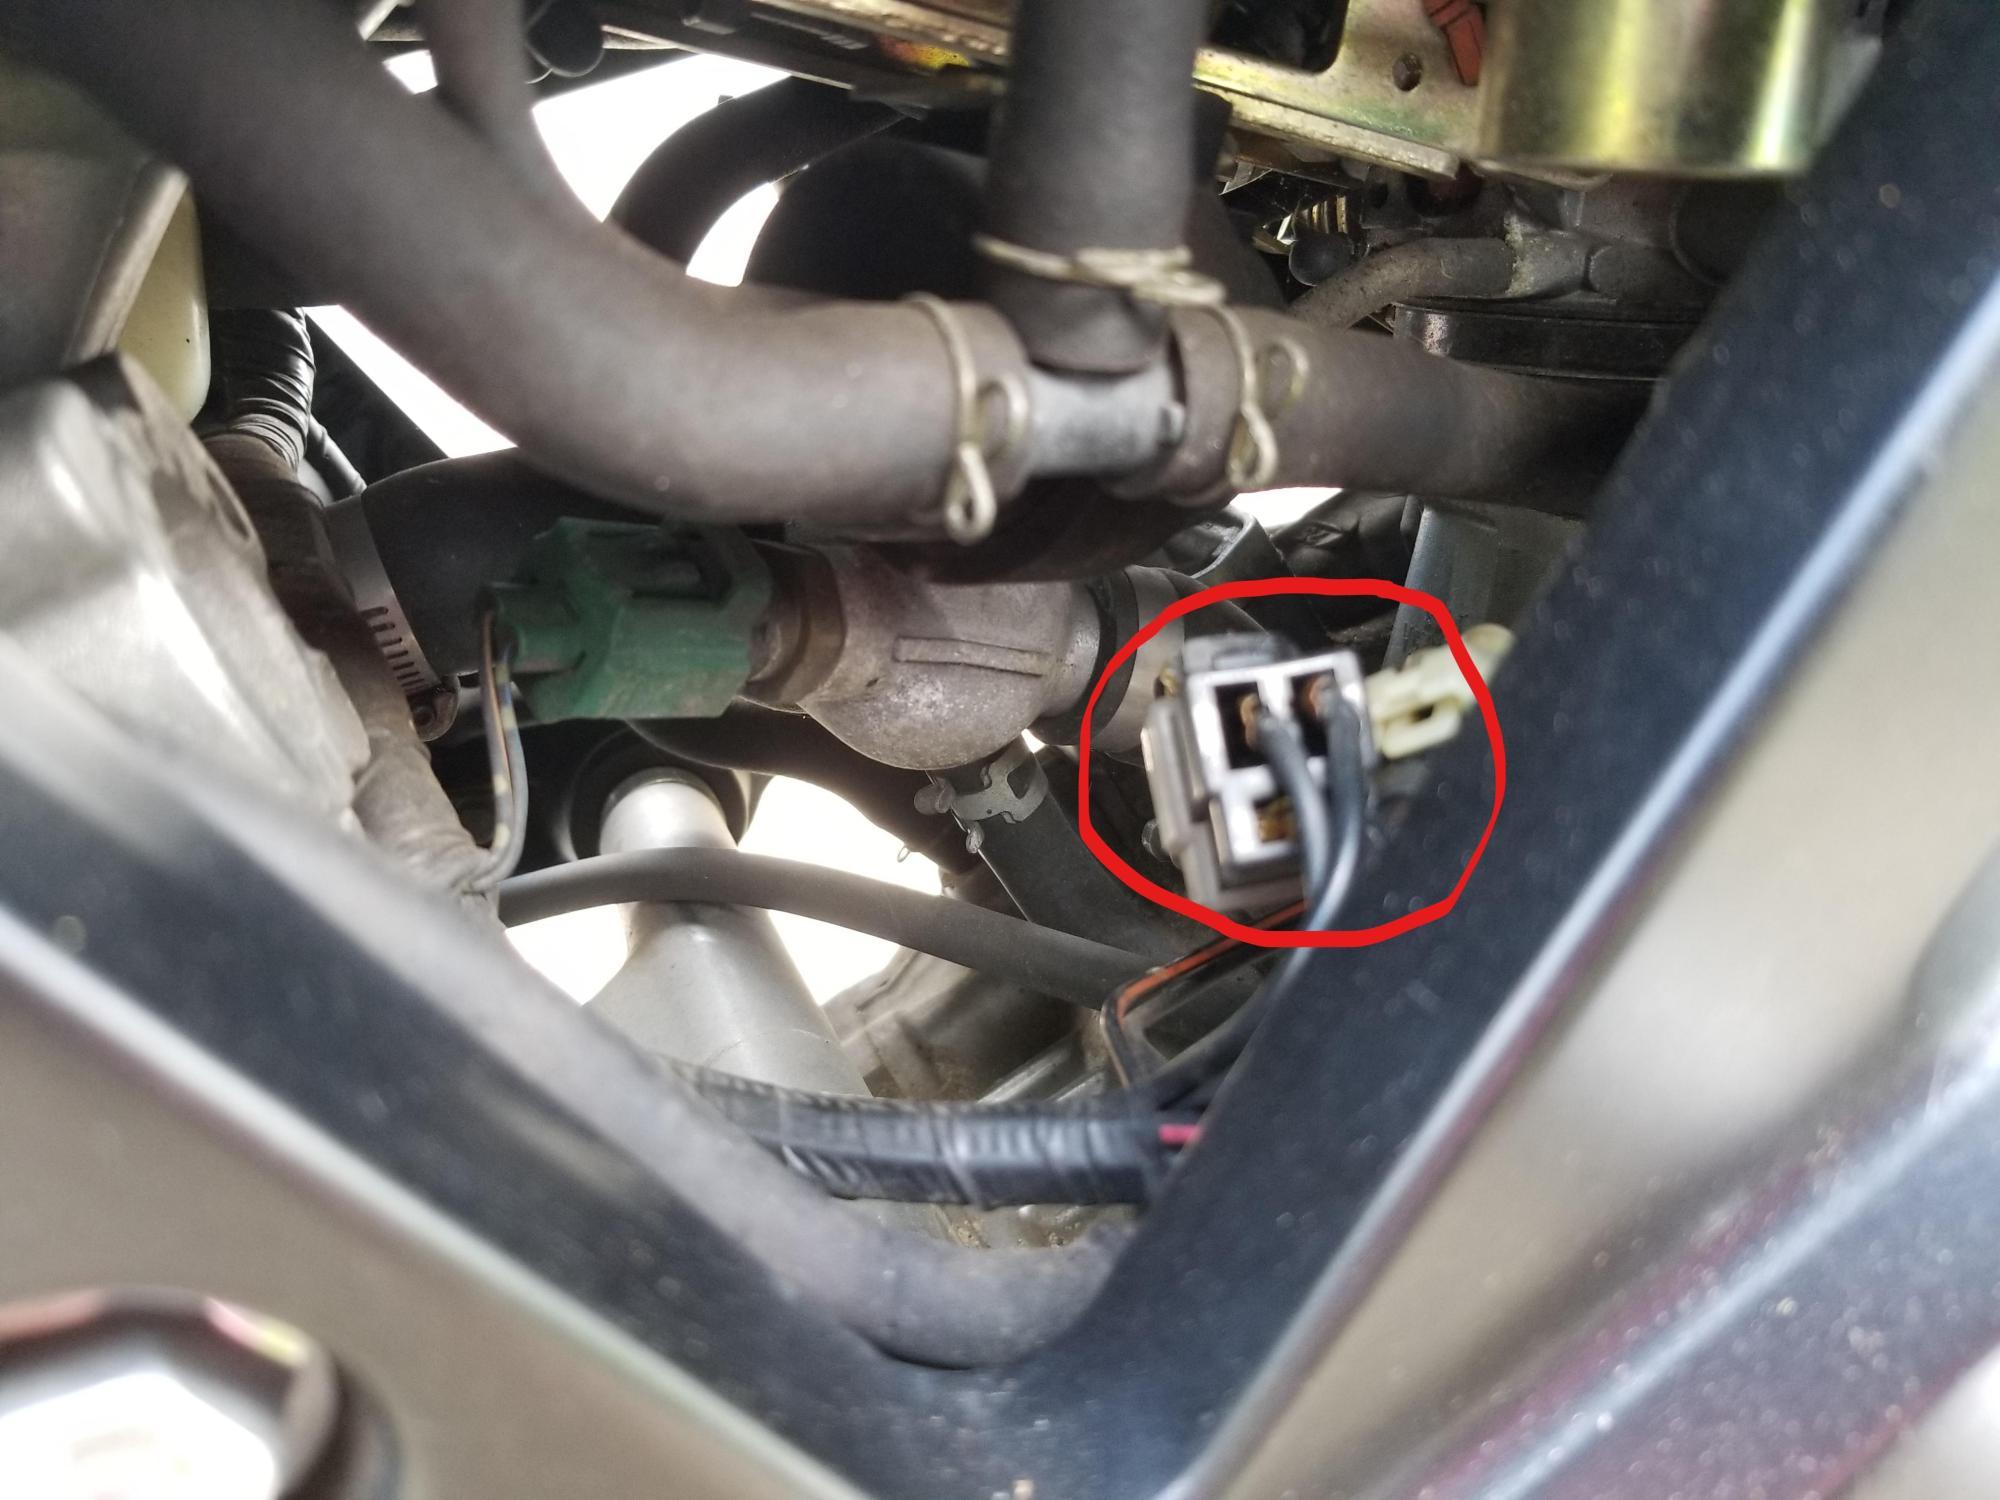 hight resolution of 2005 sv650 wiring diagram wiring schematics diagram 1997 polaris sportsman 500 wiring diagram 2005 sv650 wiring